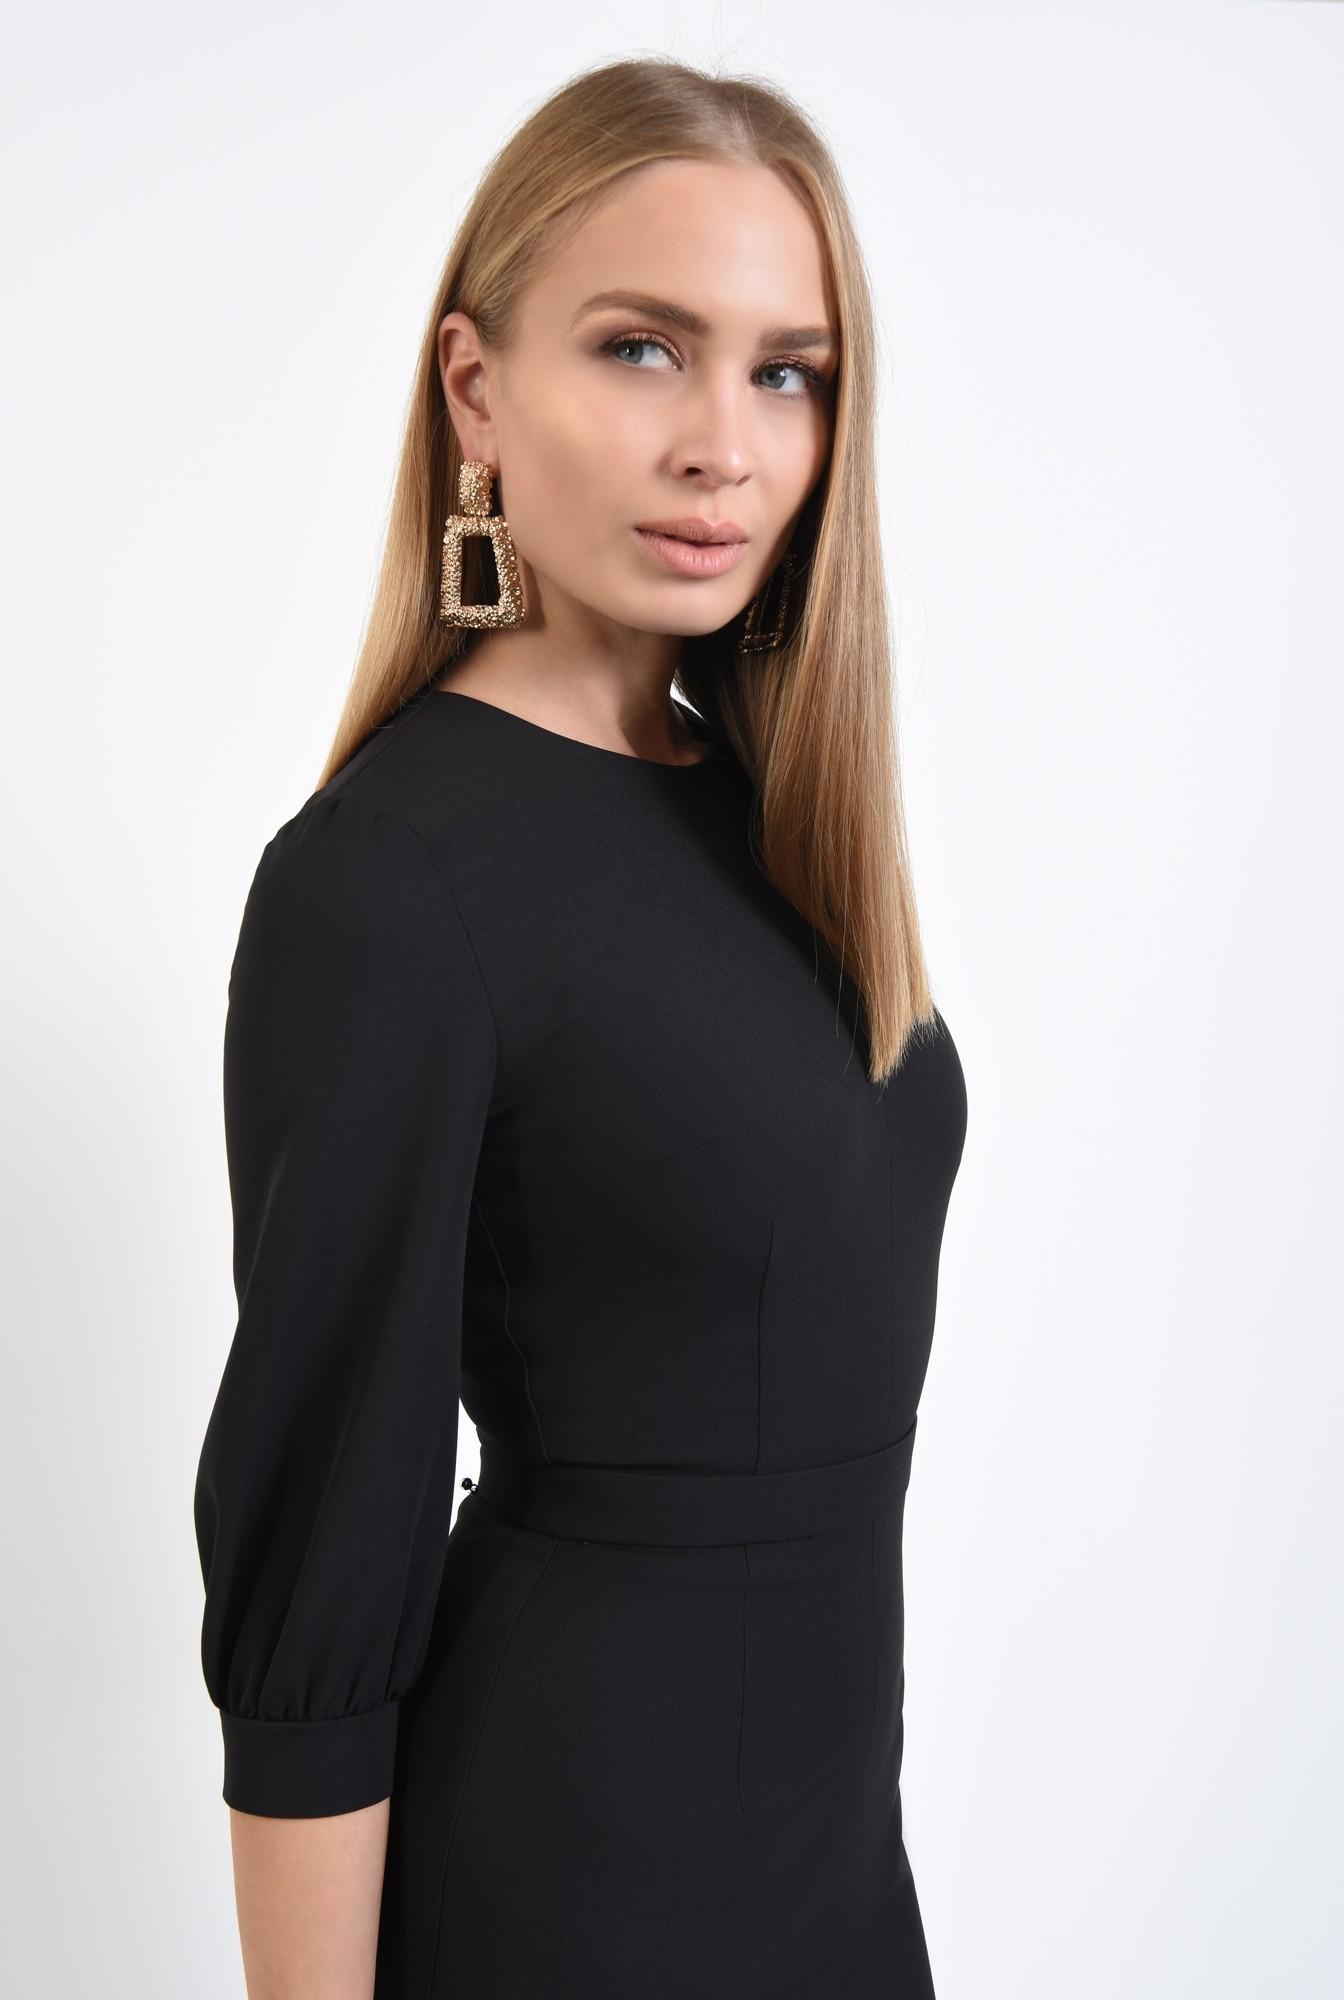 2 - 360 - rochie eleganta conica, betelie ingusta, decolteu rotund la baza gatului. rochii online